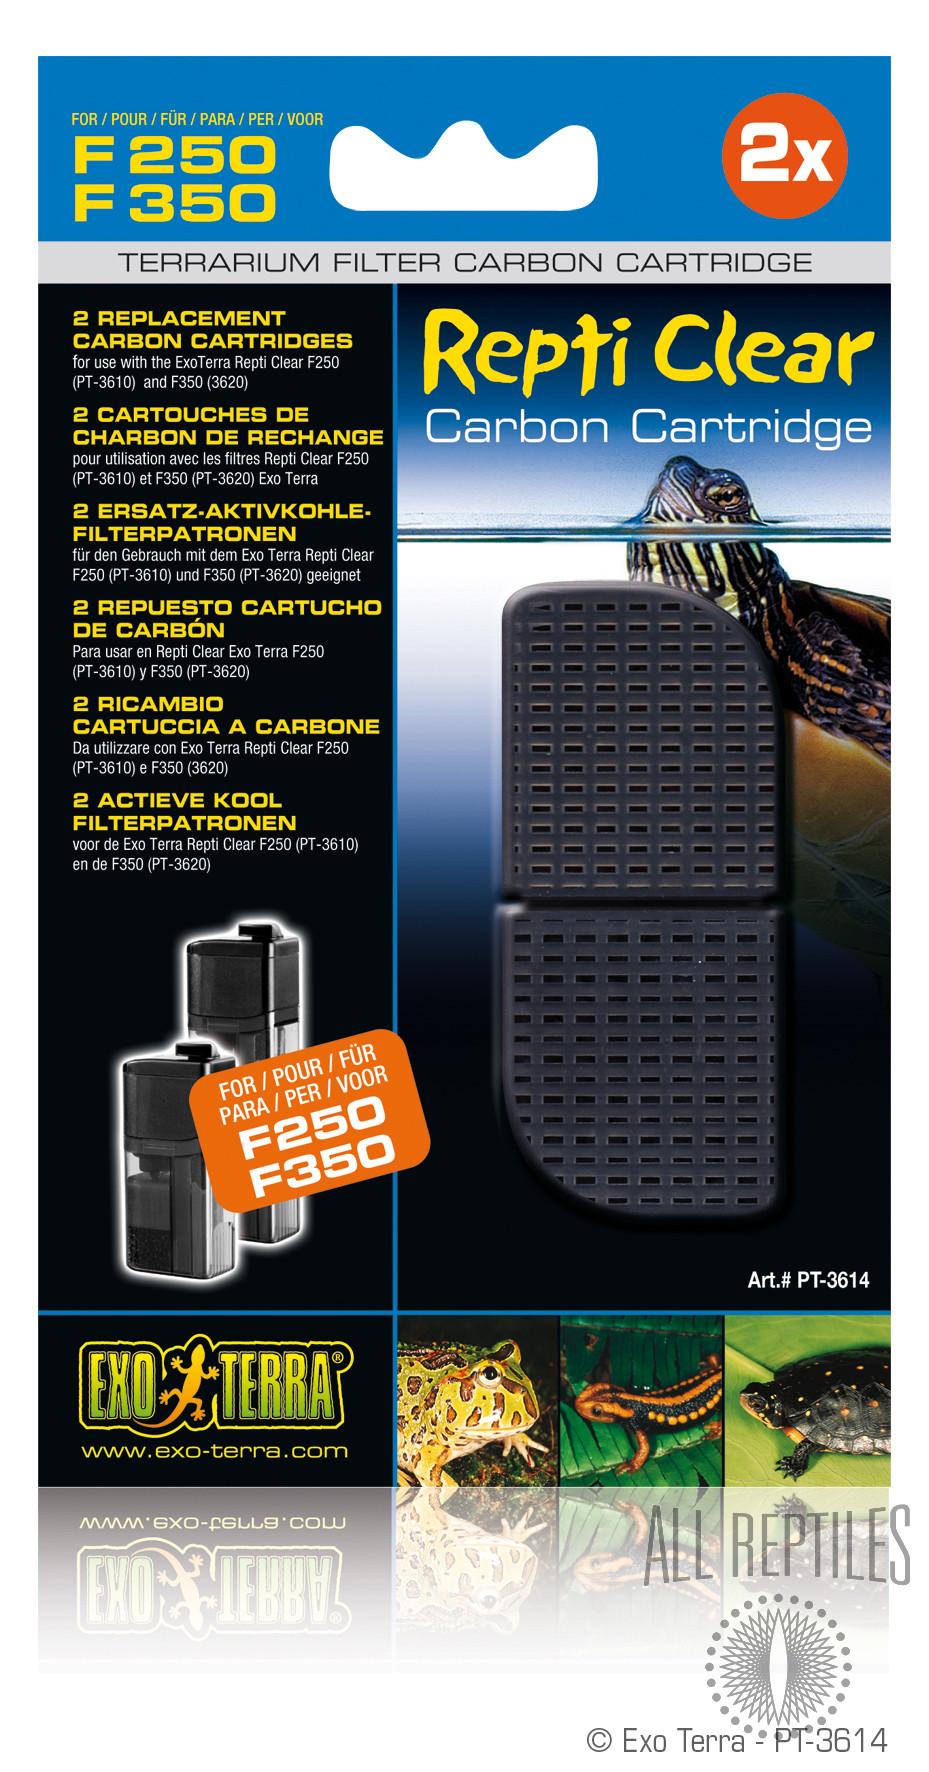 Exo Terra Repti Clear F250/F350 Carbon Cartridge